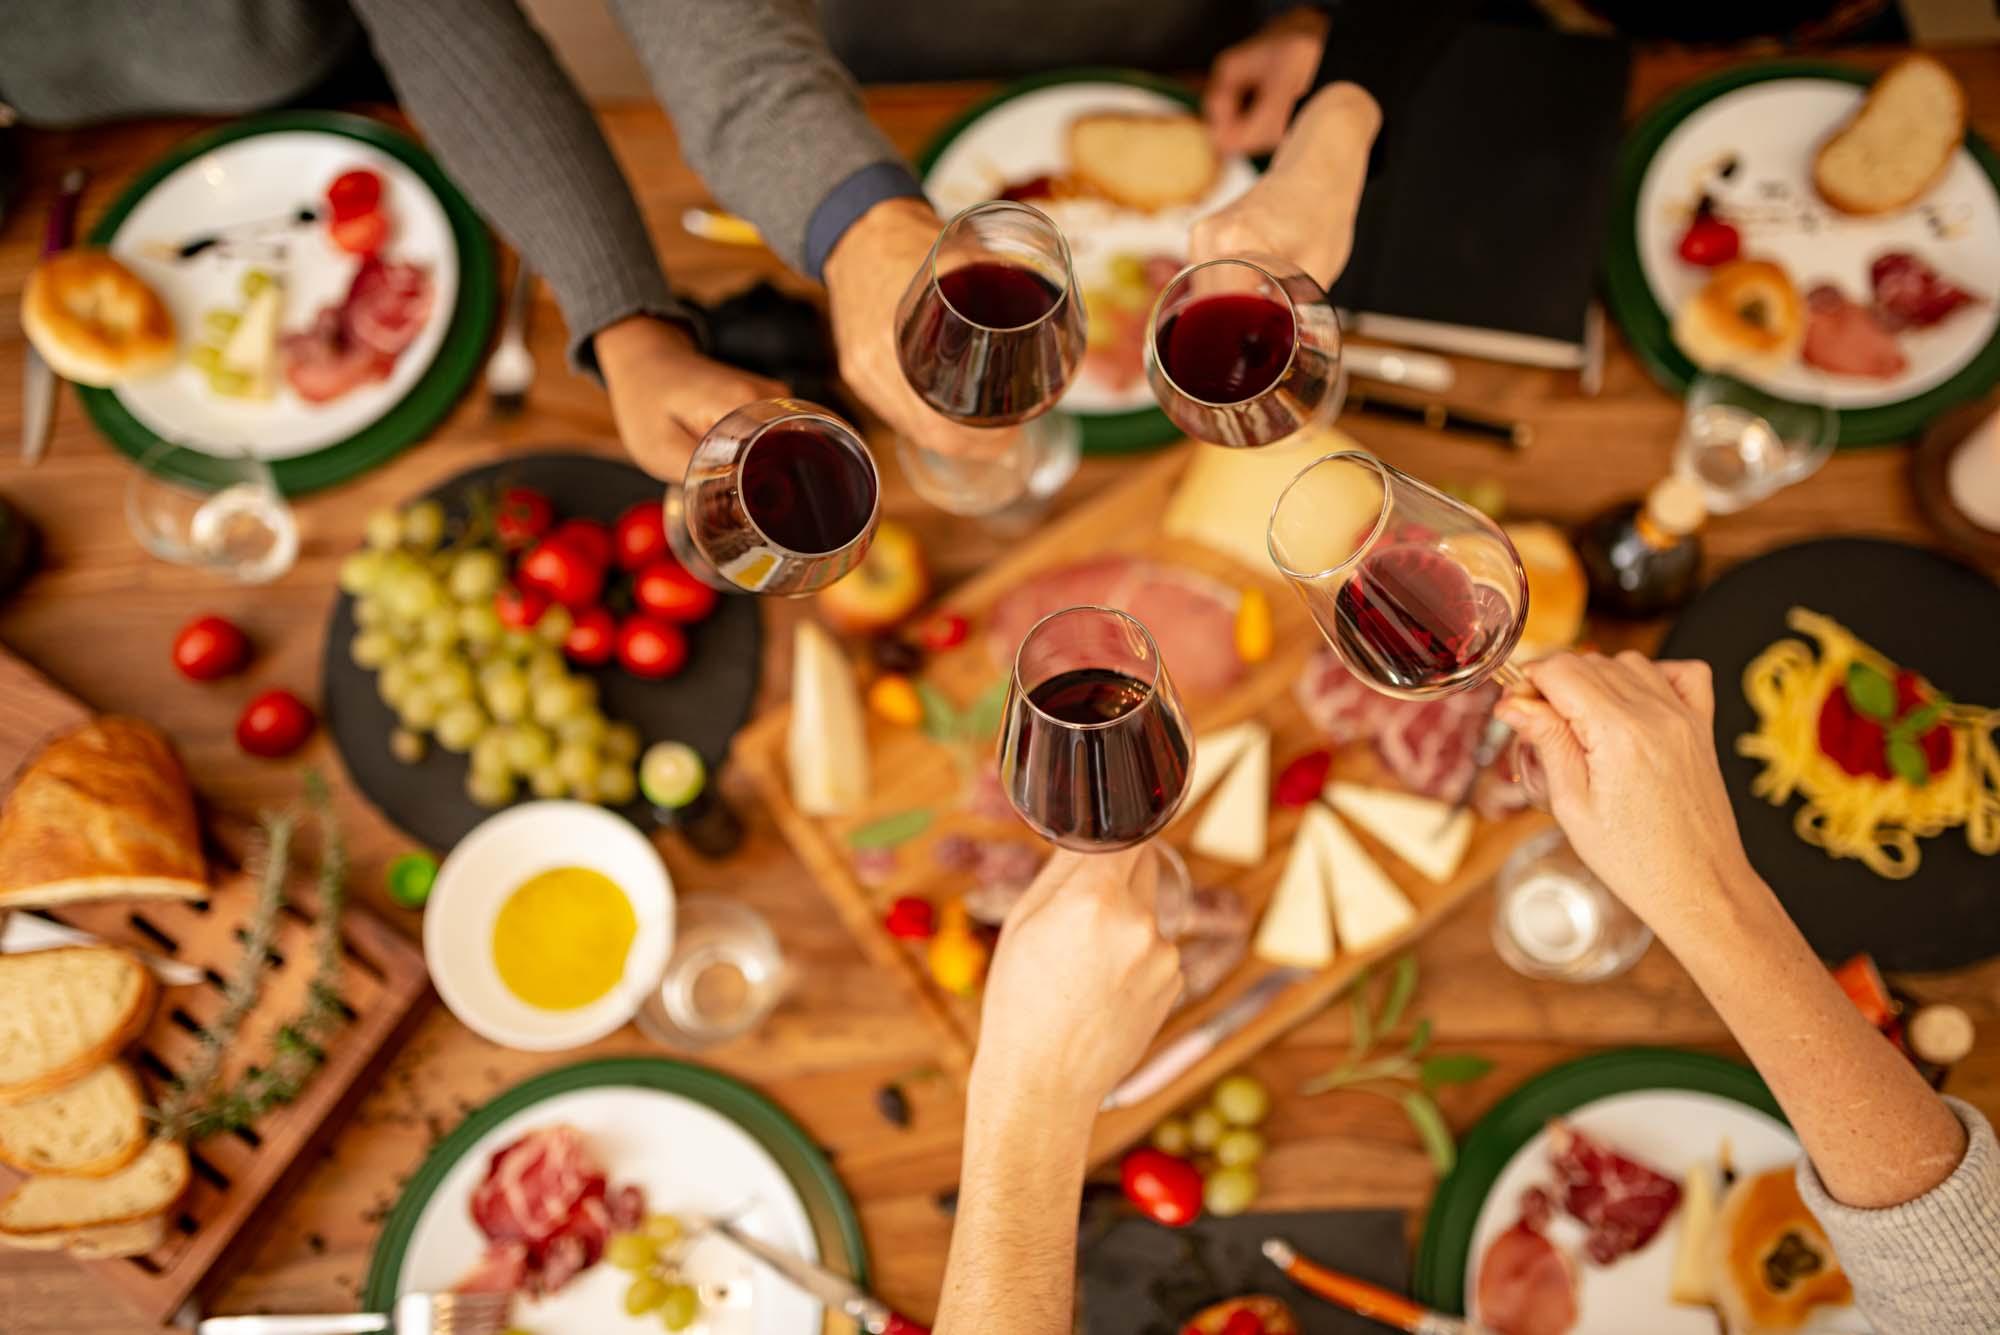 Corsi Di Cucina Formazione Manageriale a Firenze